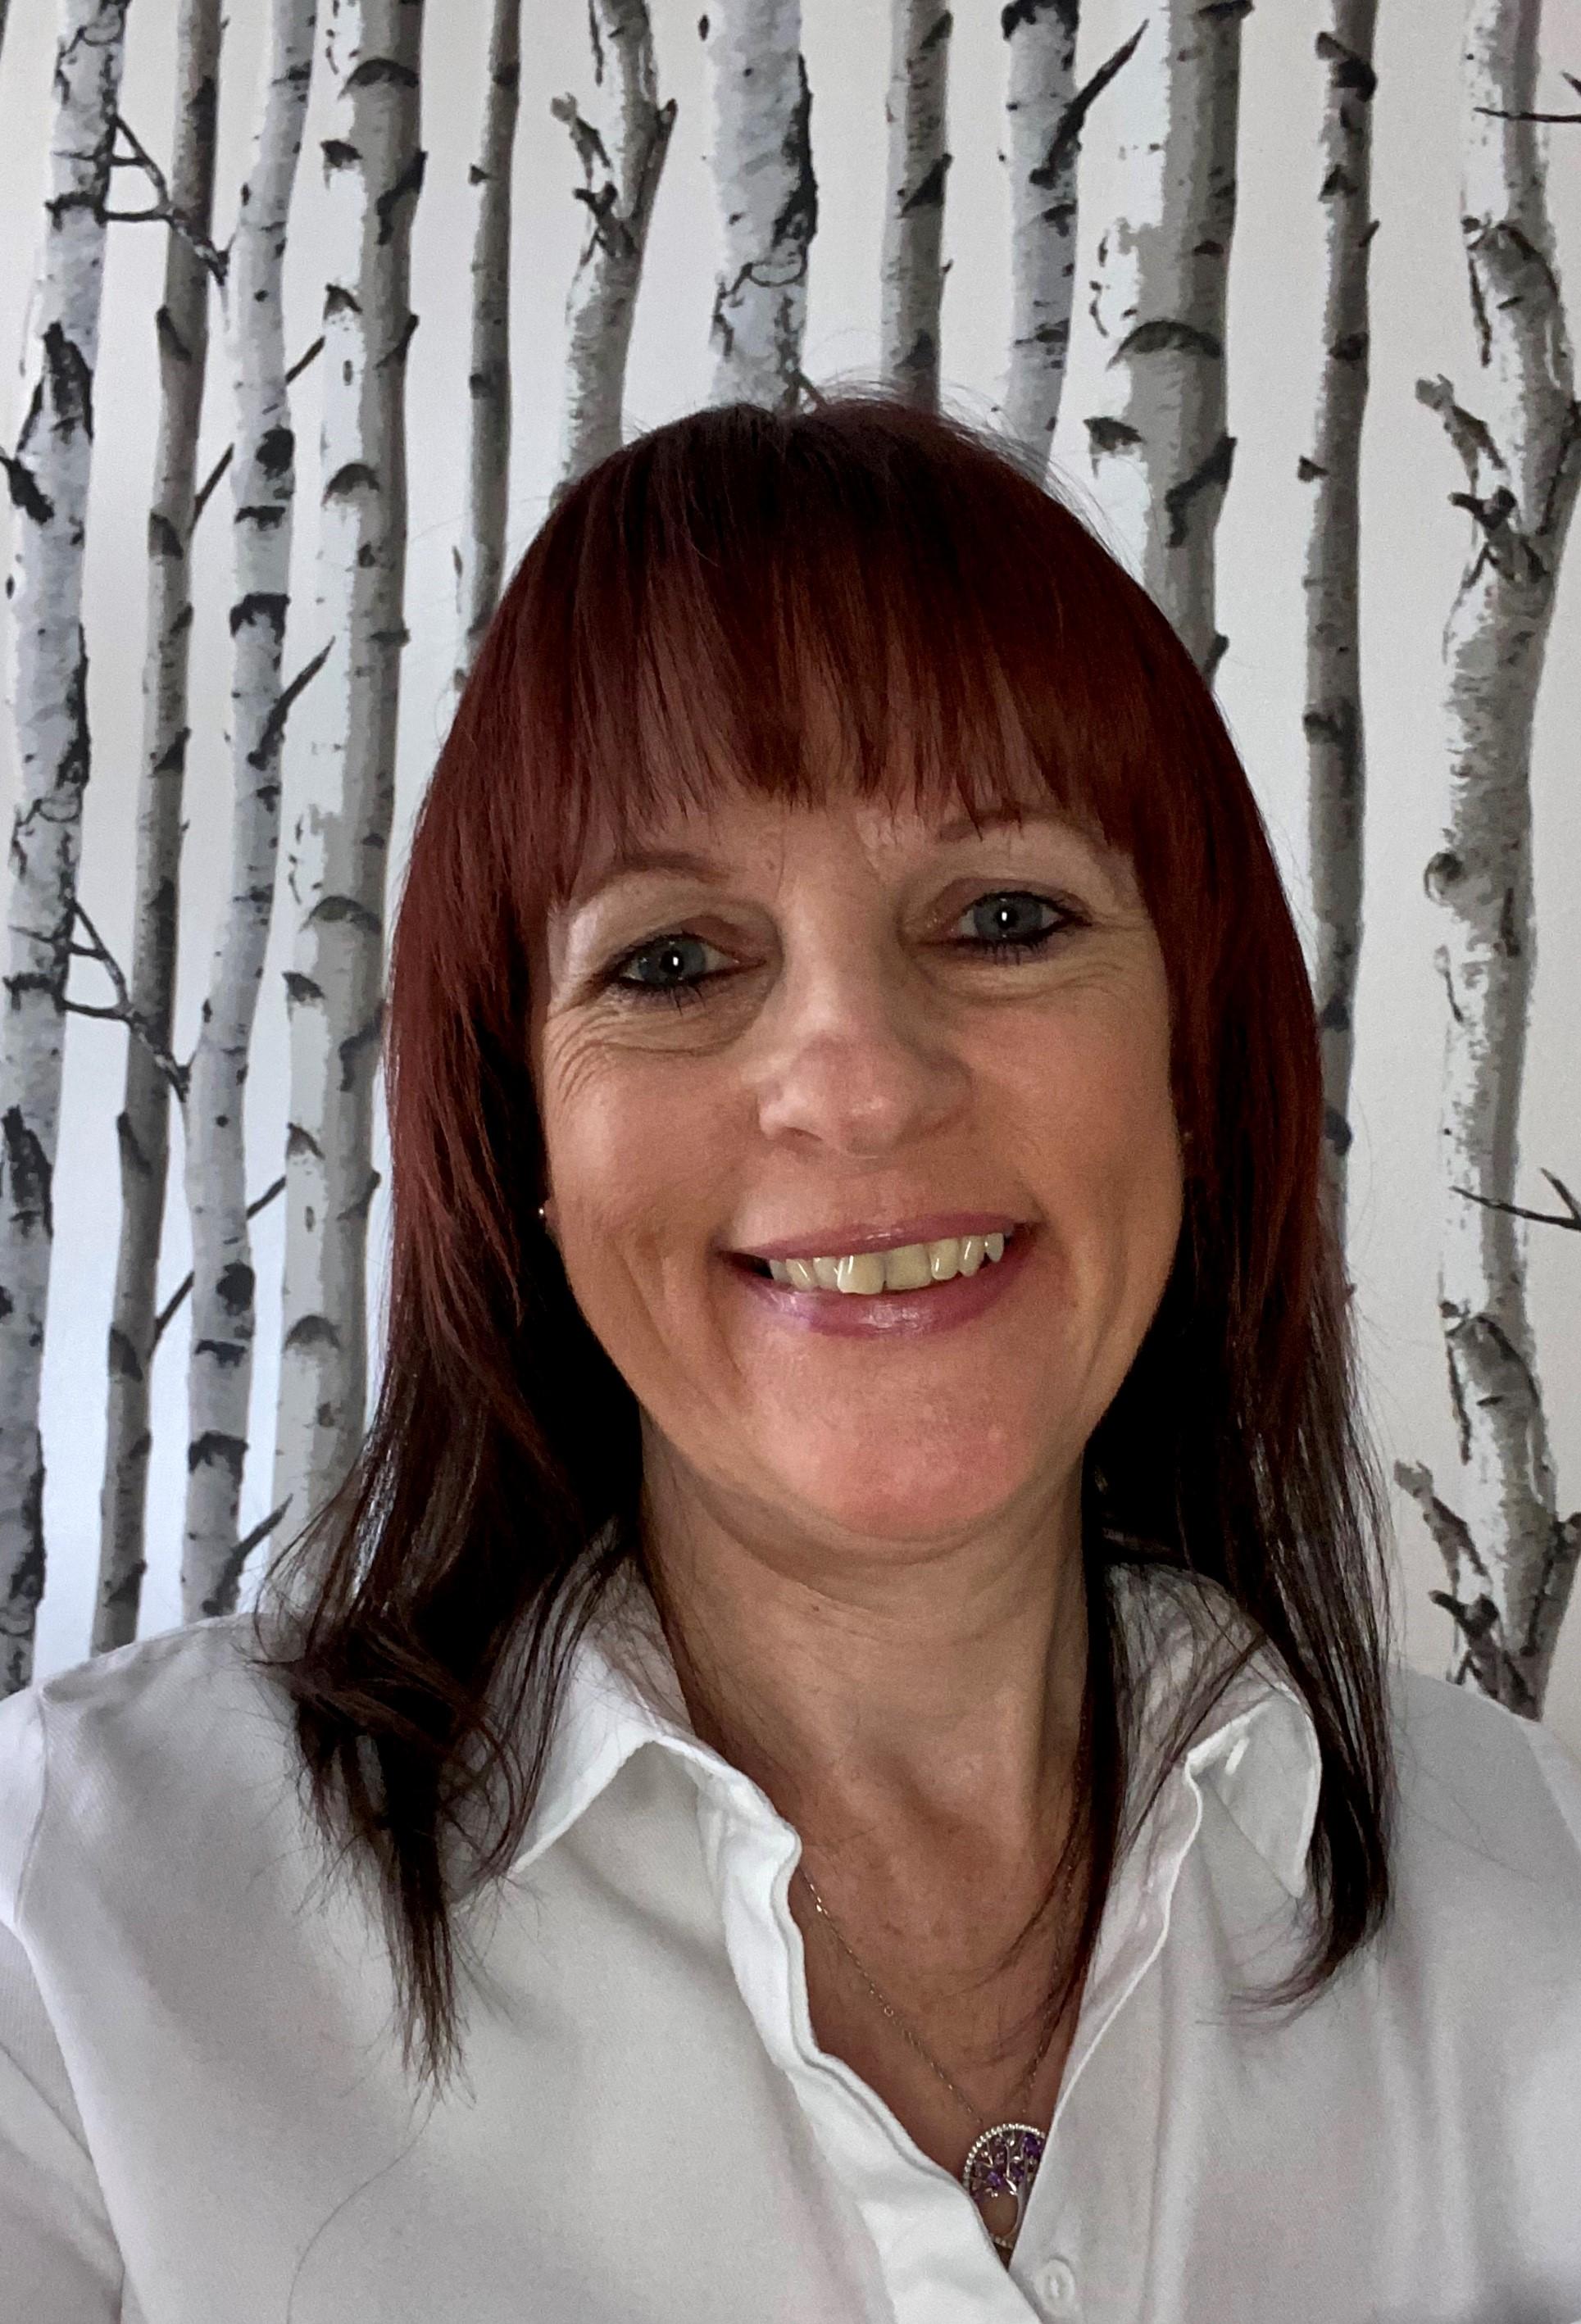 Tracy Orton